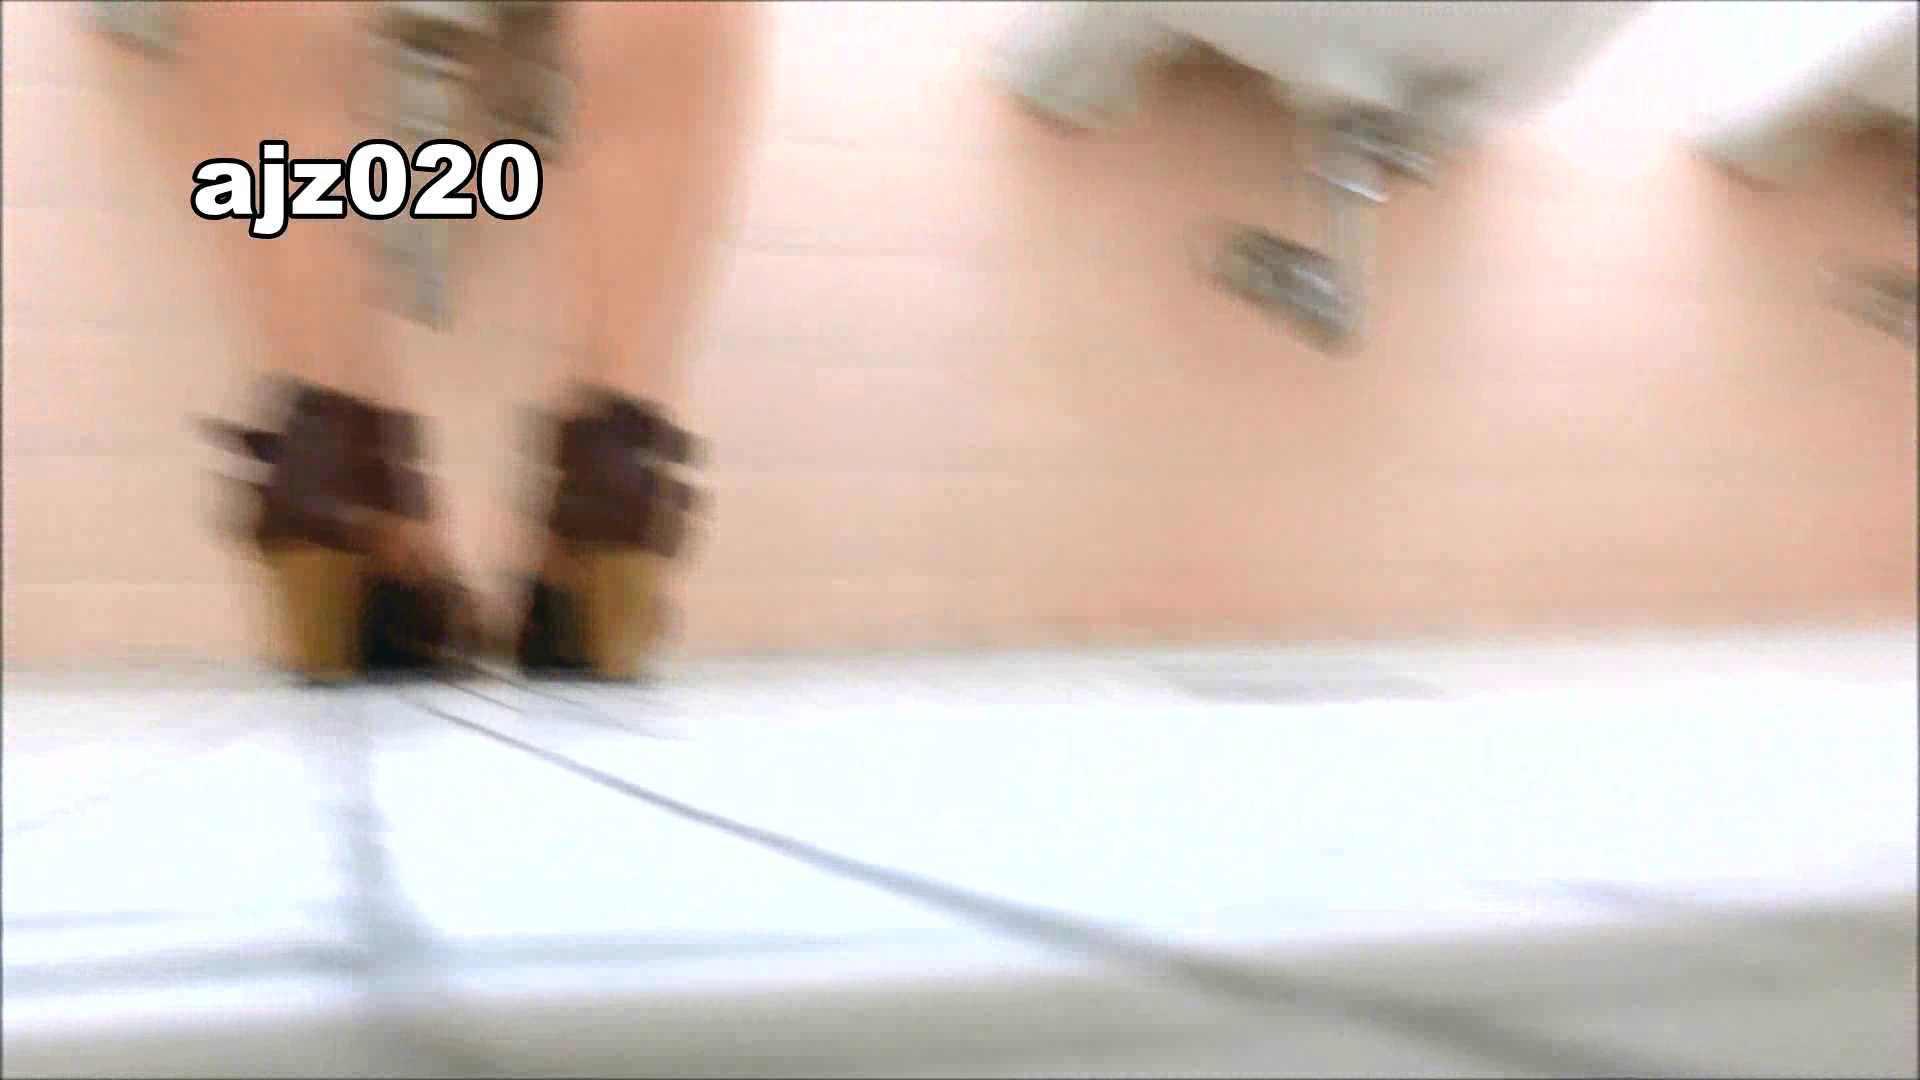 某有名大学女性洗面所 vol.20 洗面所  67Pix 19